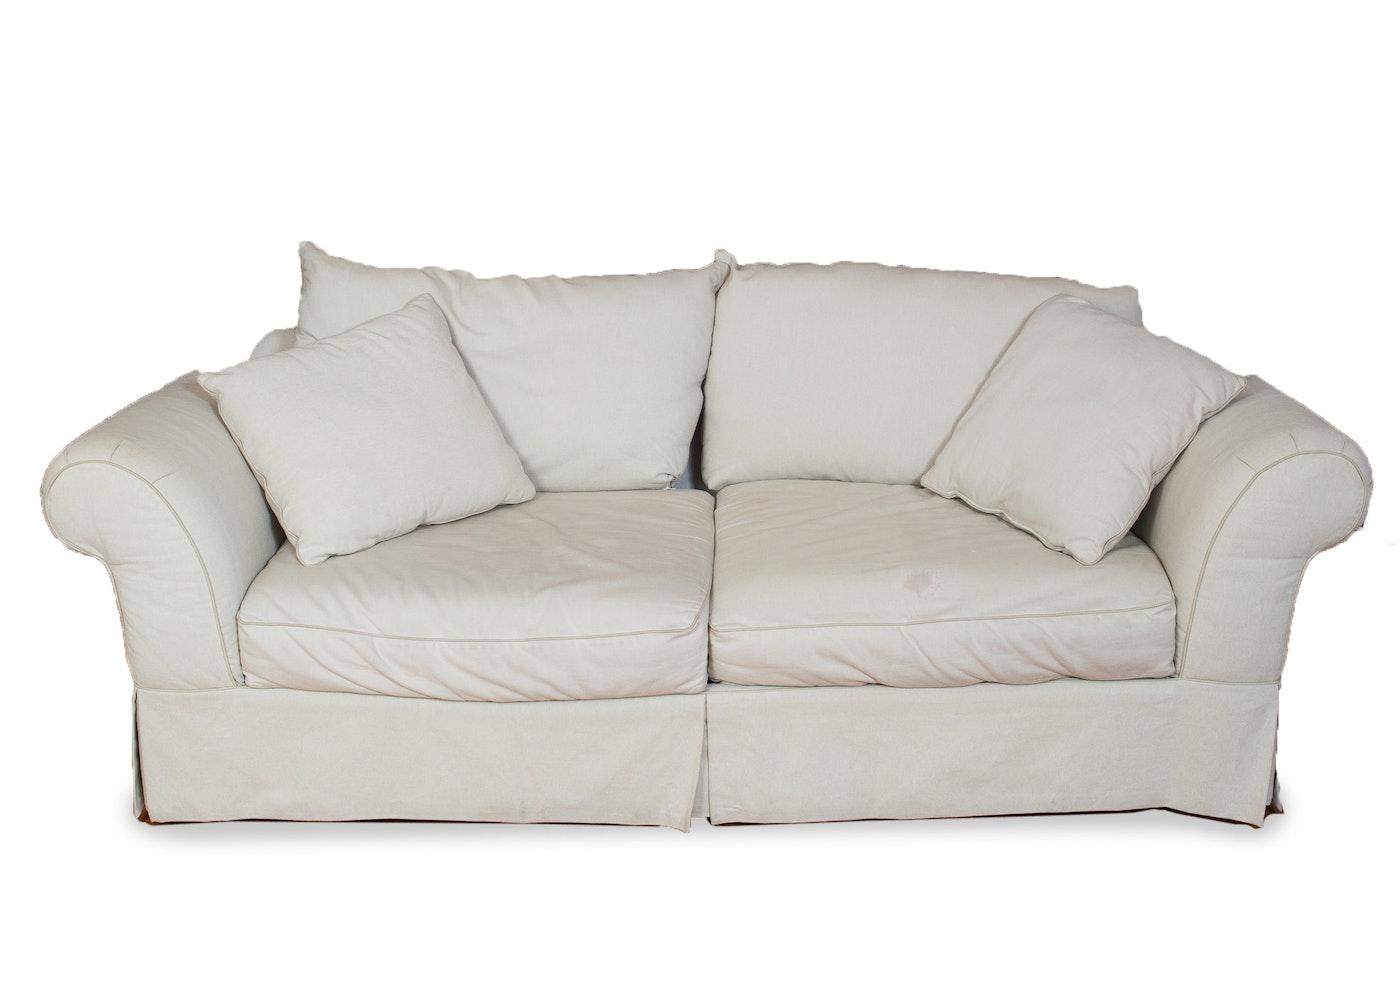 large beige sofa ebth. Black Bedroom Furniture Sets. Home Design Ideas